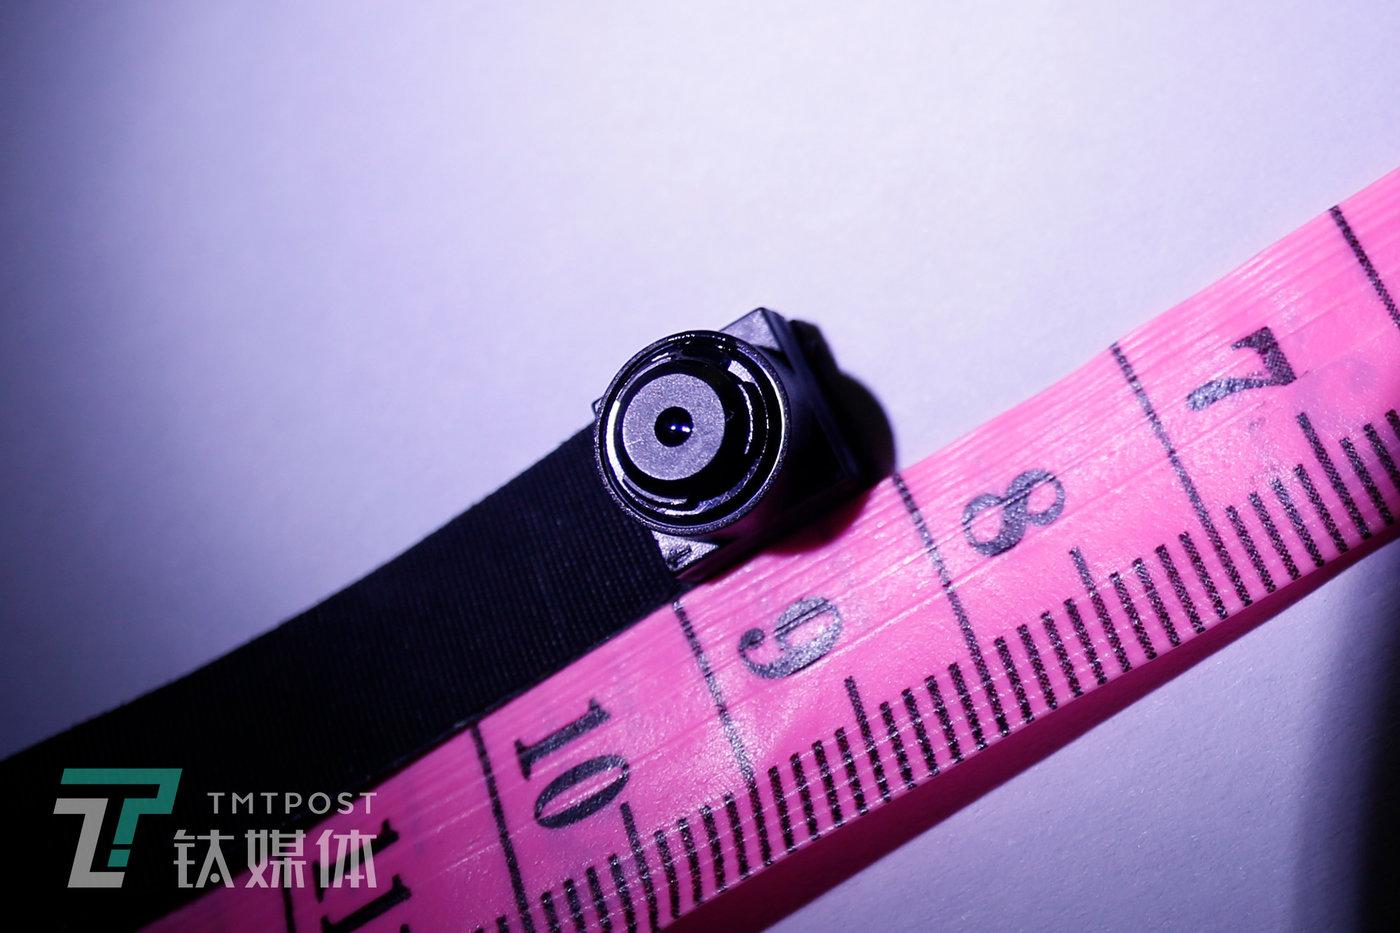 一个小于1厘米的针孔摄像头。